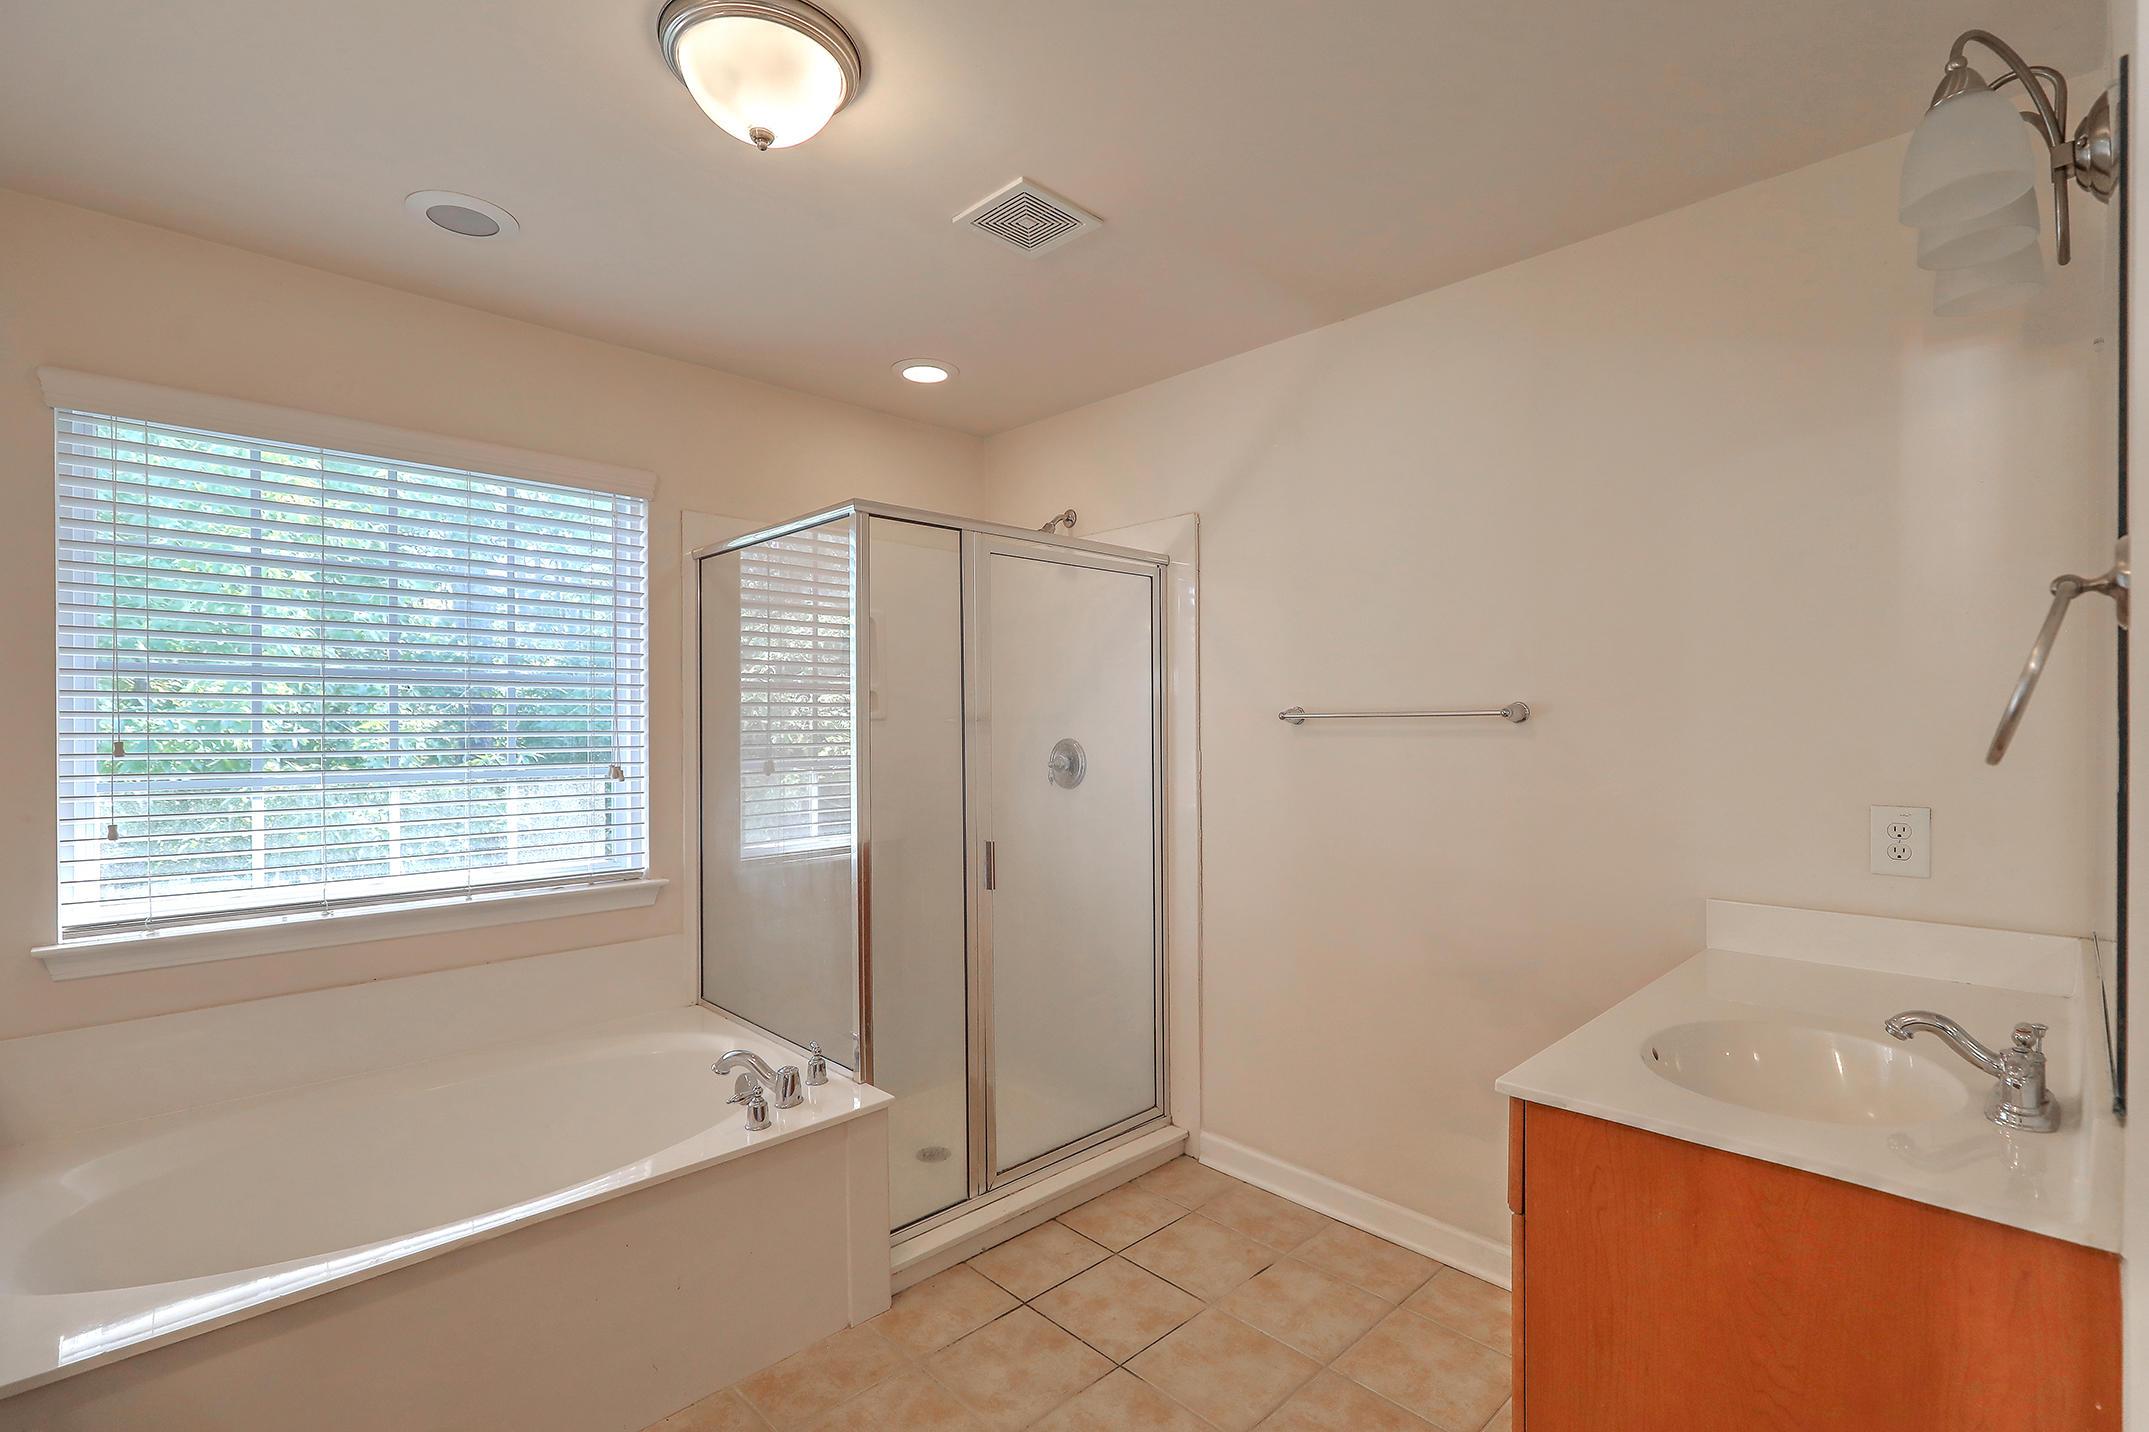 Park West Homes For Sale - 3471 Claremont, Mount Pleasant, SC - 16